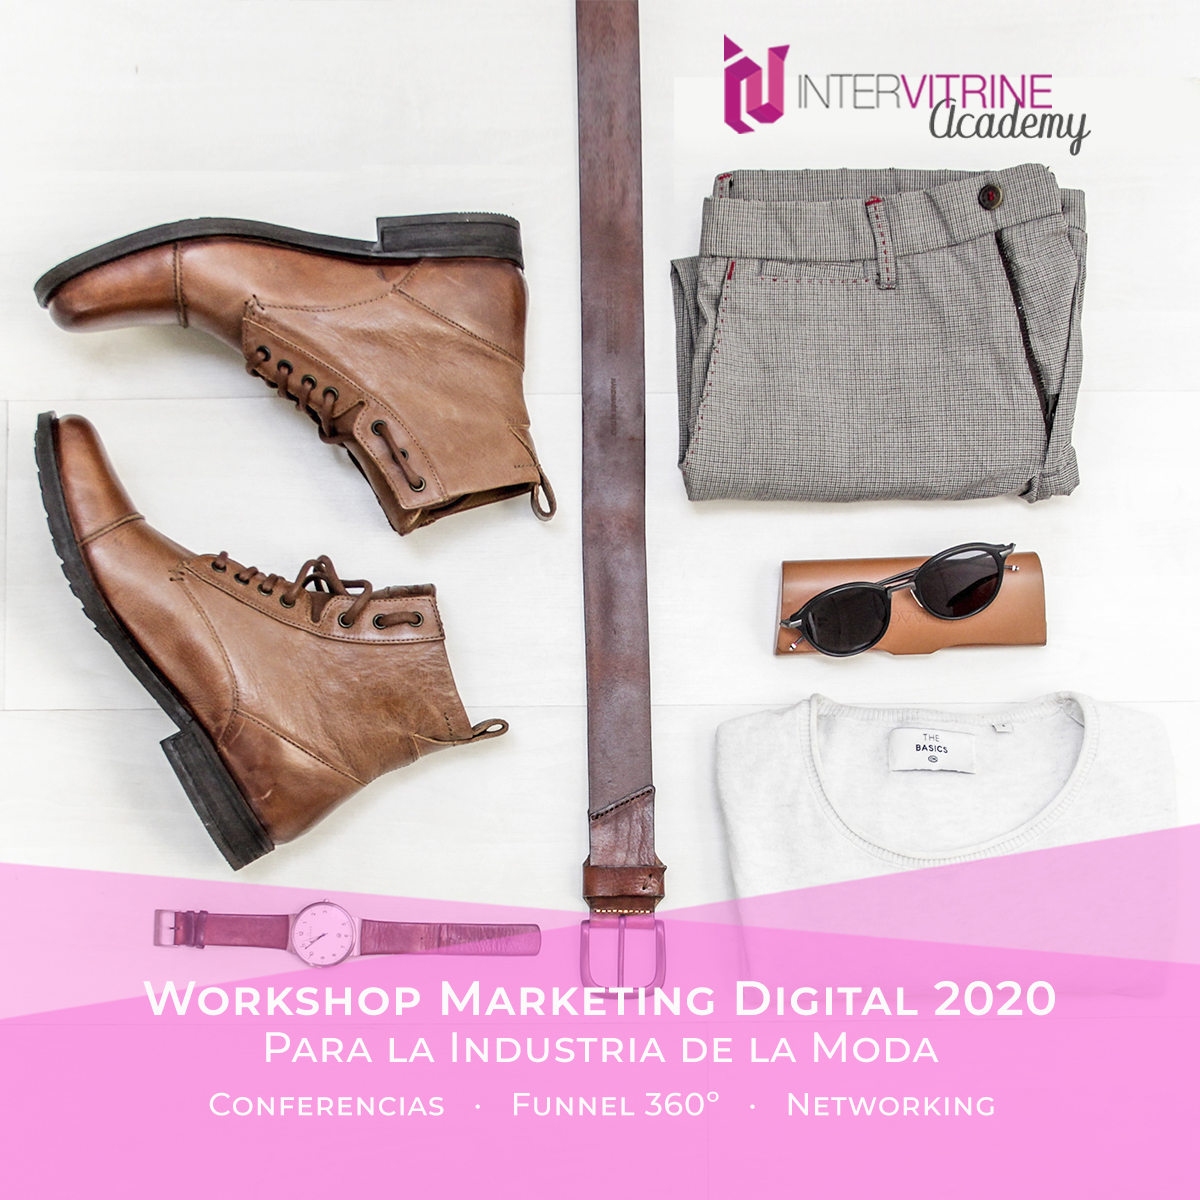 Workshop de Novedades en Marketing Digital para empresas en la Industria de la Moda en 2020 1